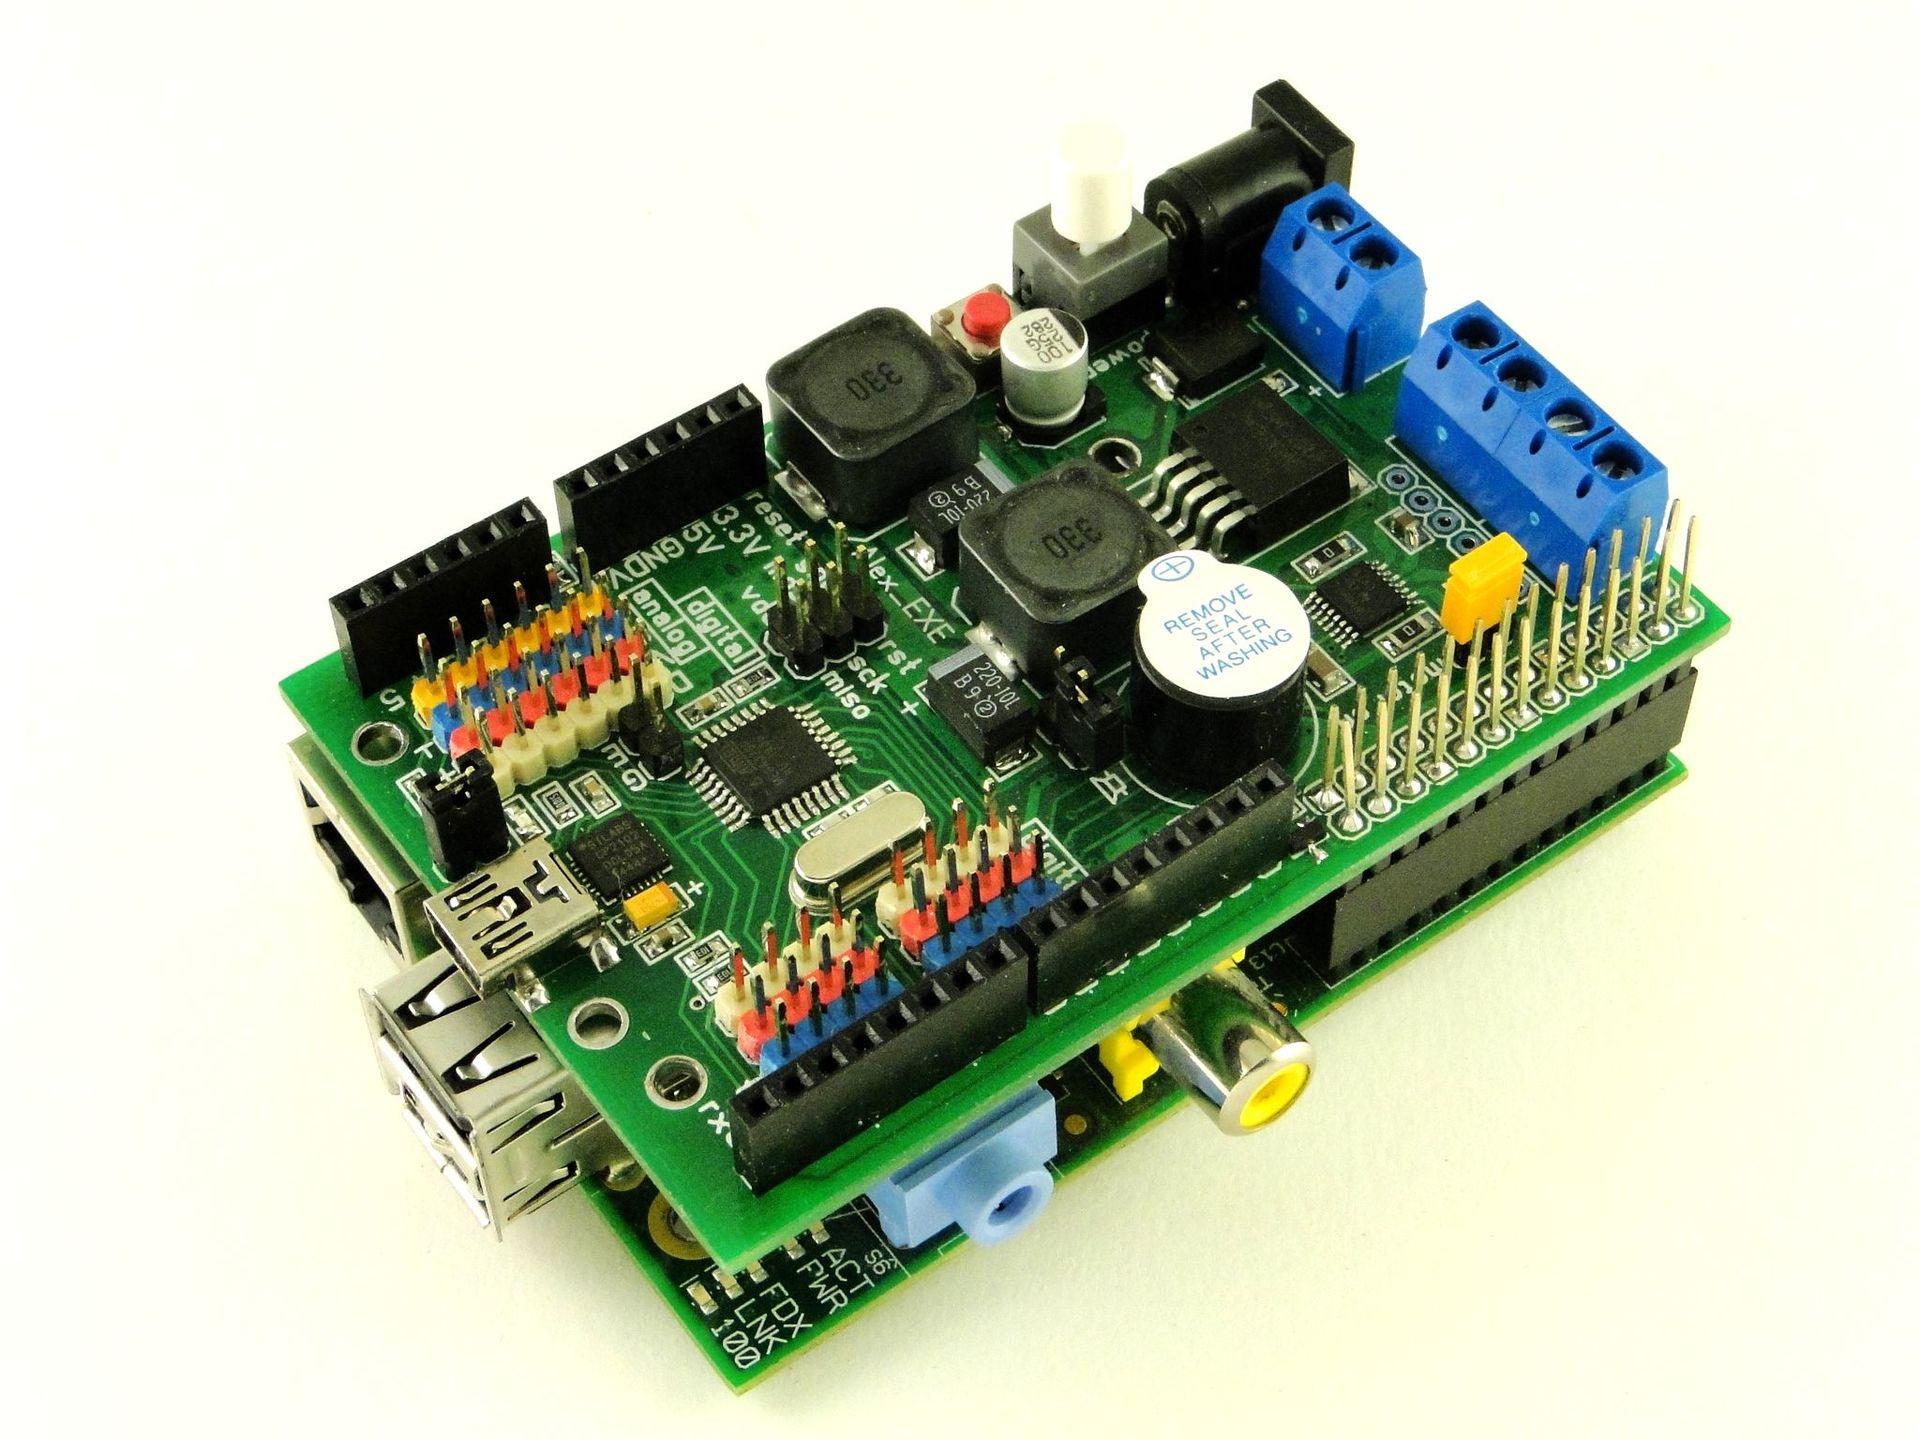 Делаем модуль расширения для Raspberry Pi с Arduino на борту - 1